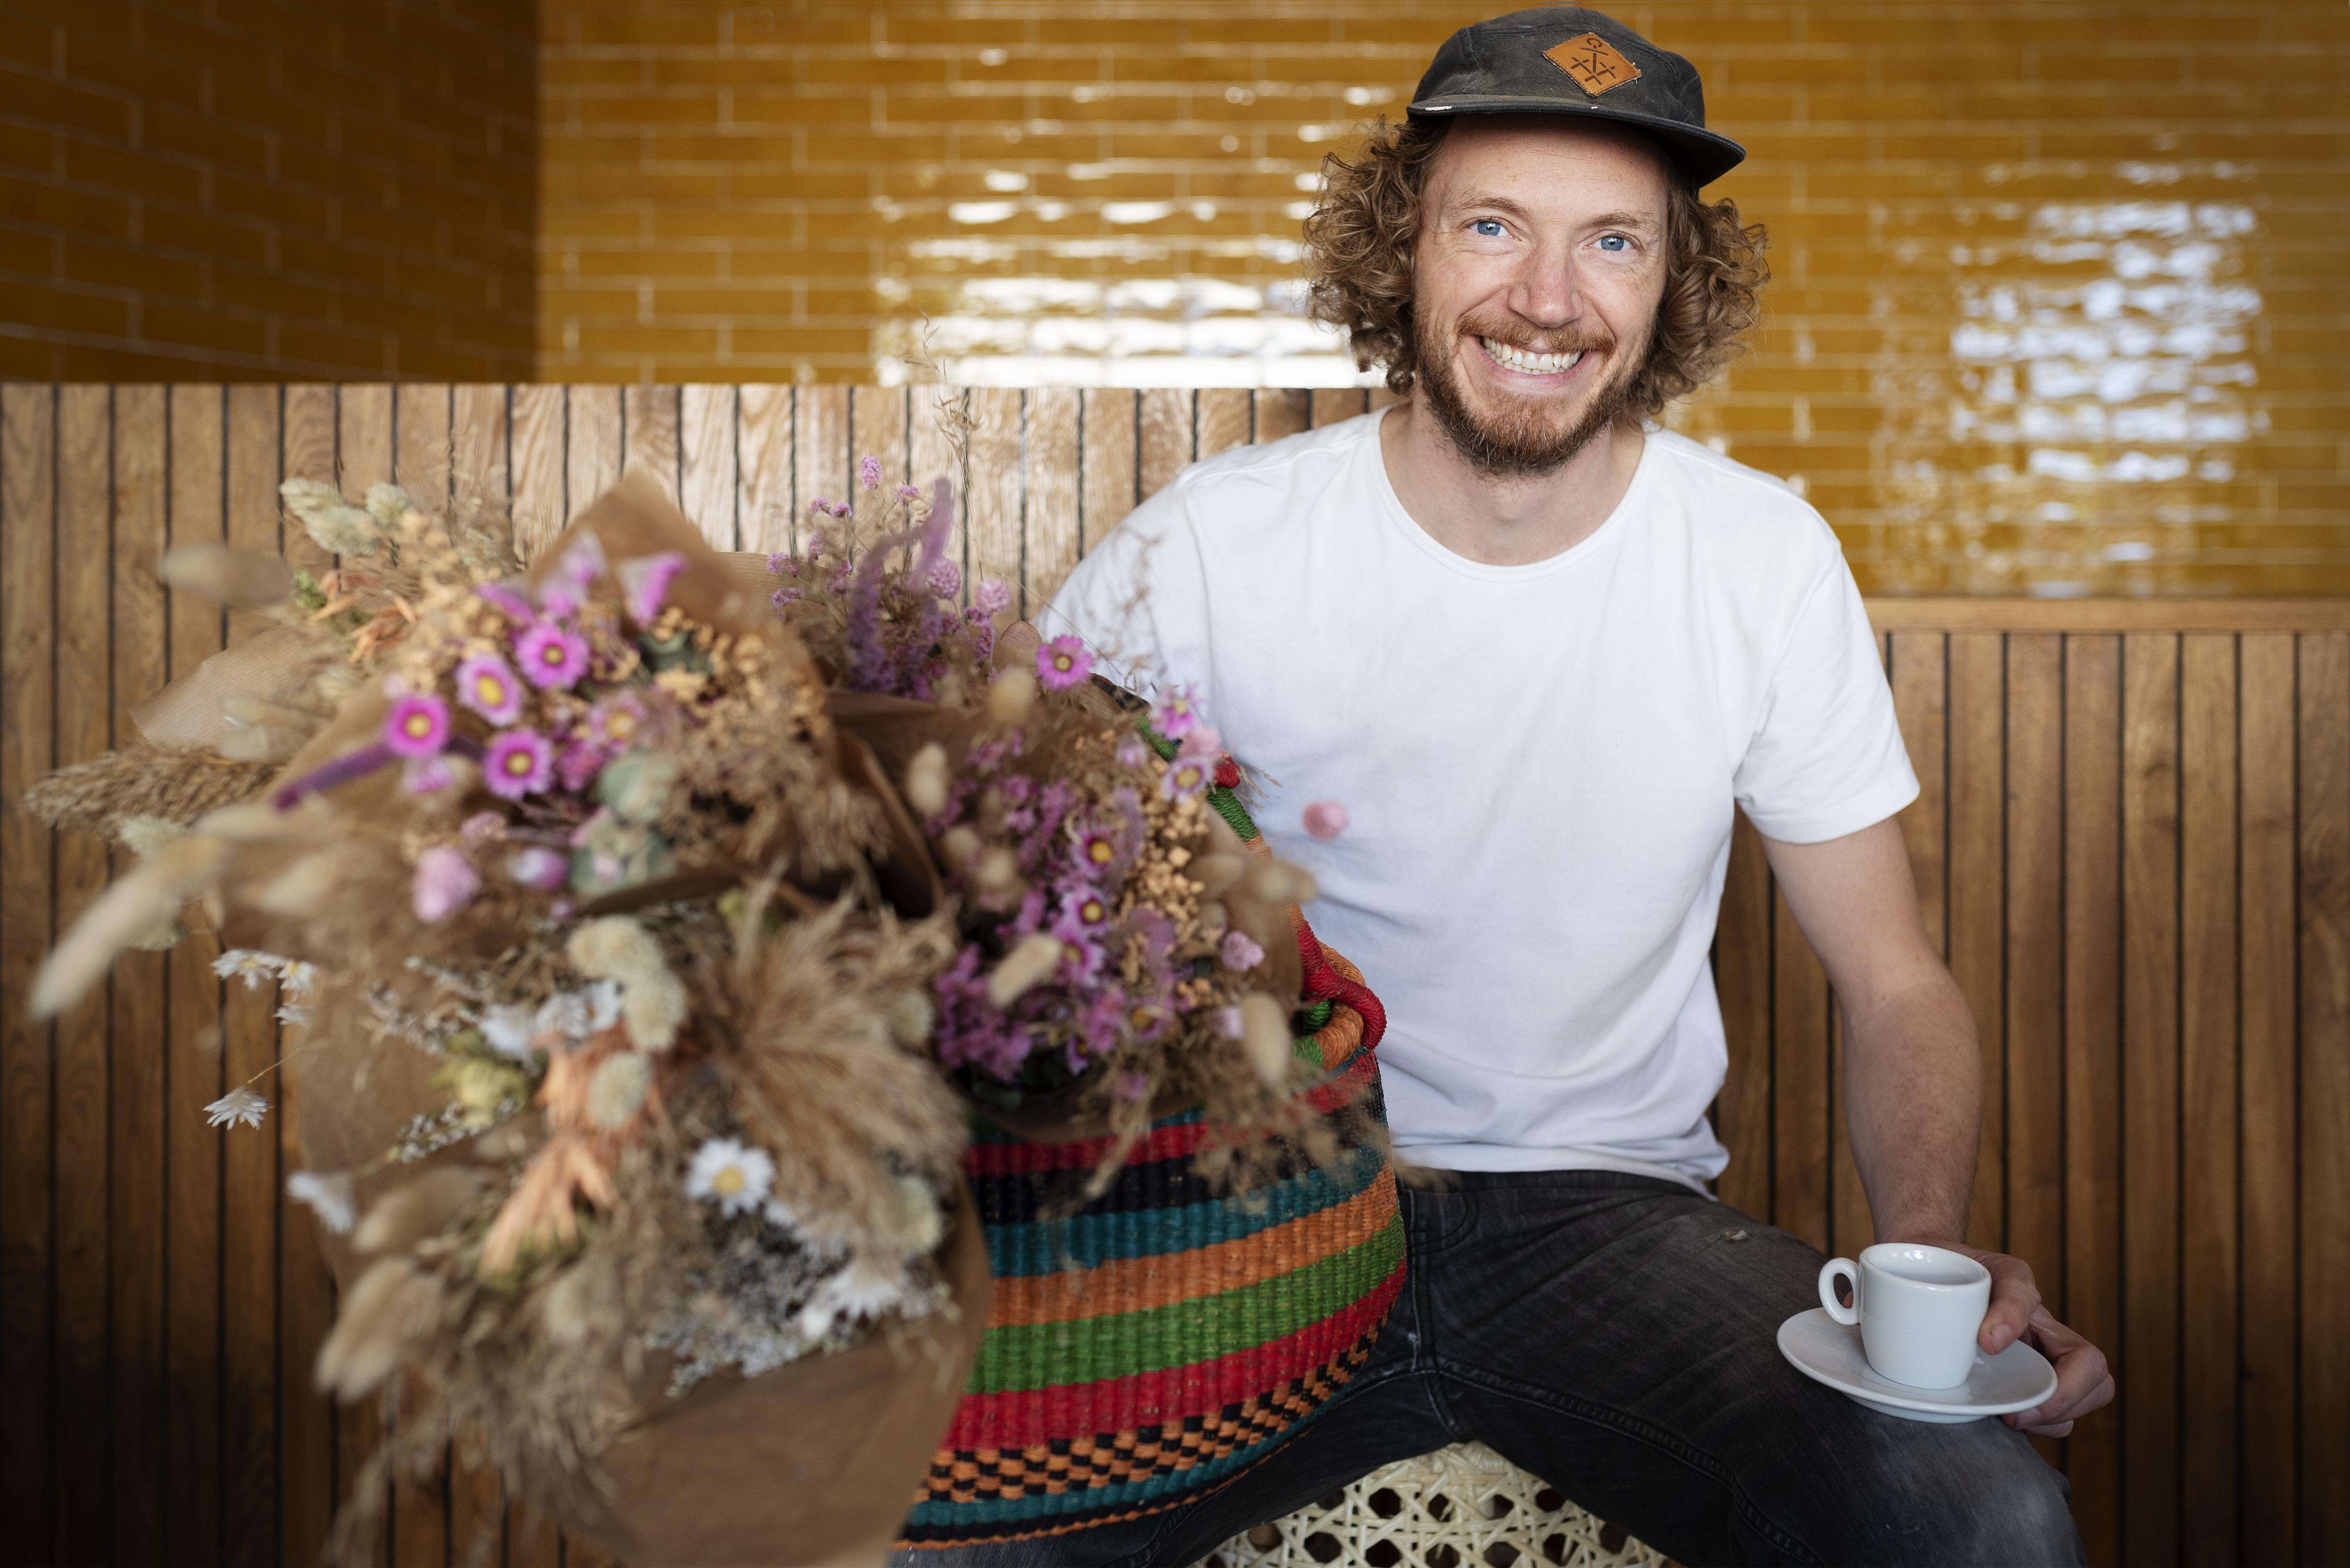 Nieuw in Castricum: Koffiehuis als ontmoetingsplek